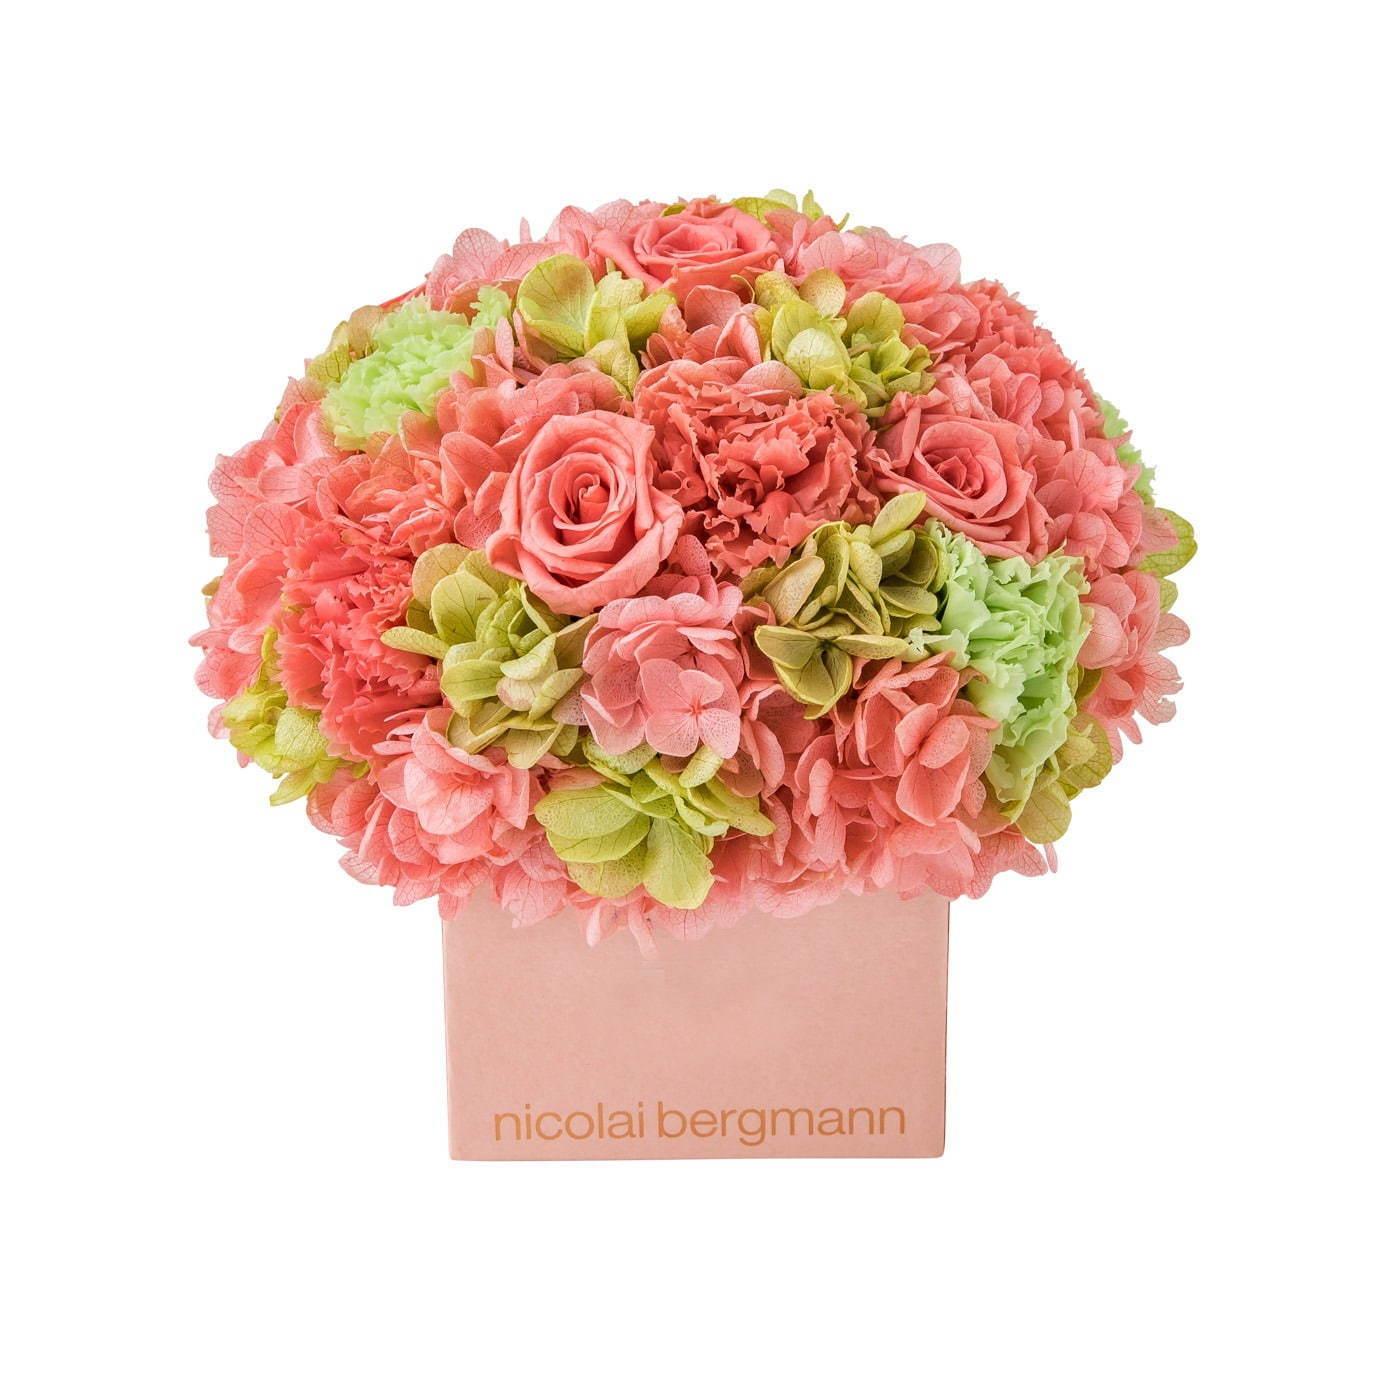 『ニコライ・バーグマン』の「母の日限定フラワーボックス」を大好きなお母さんへ贈ろう♡_4